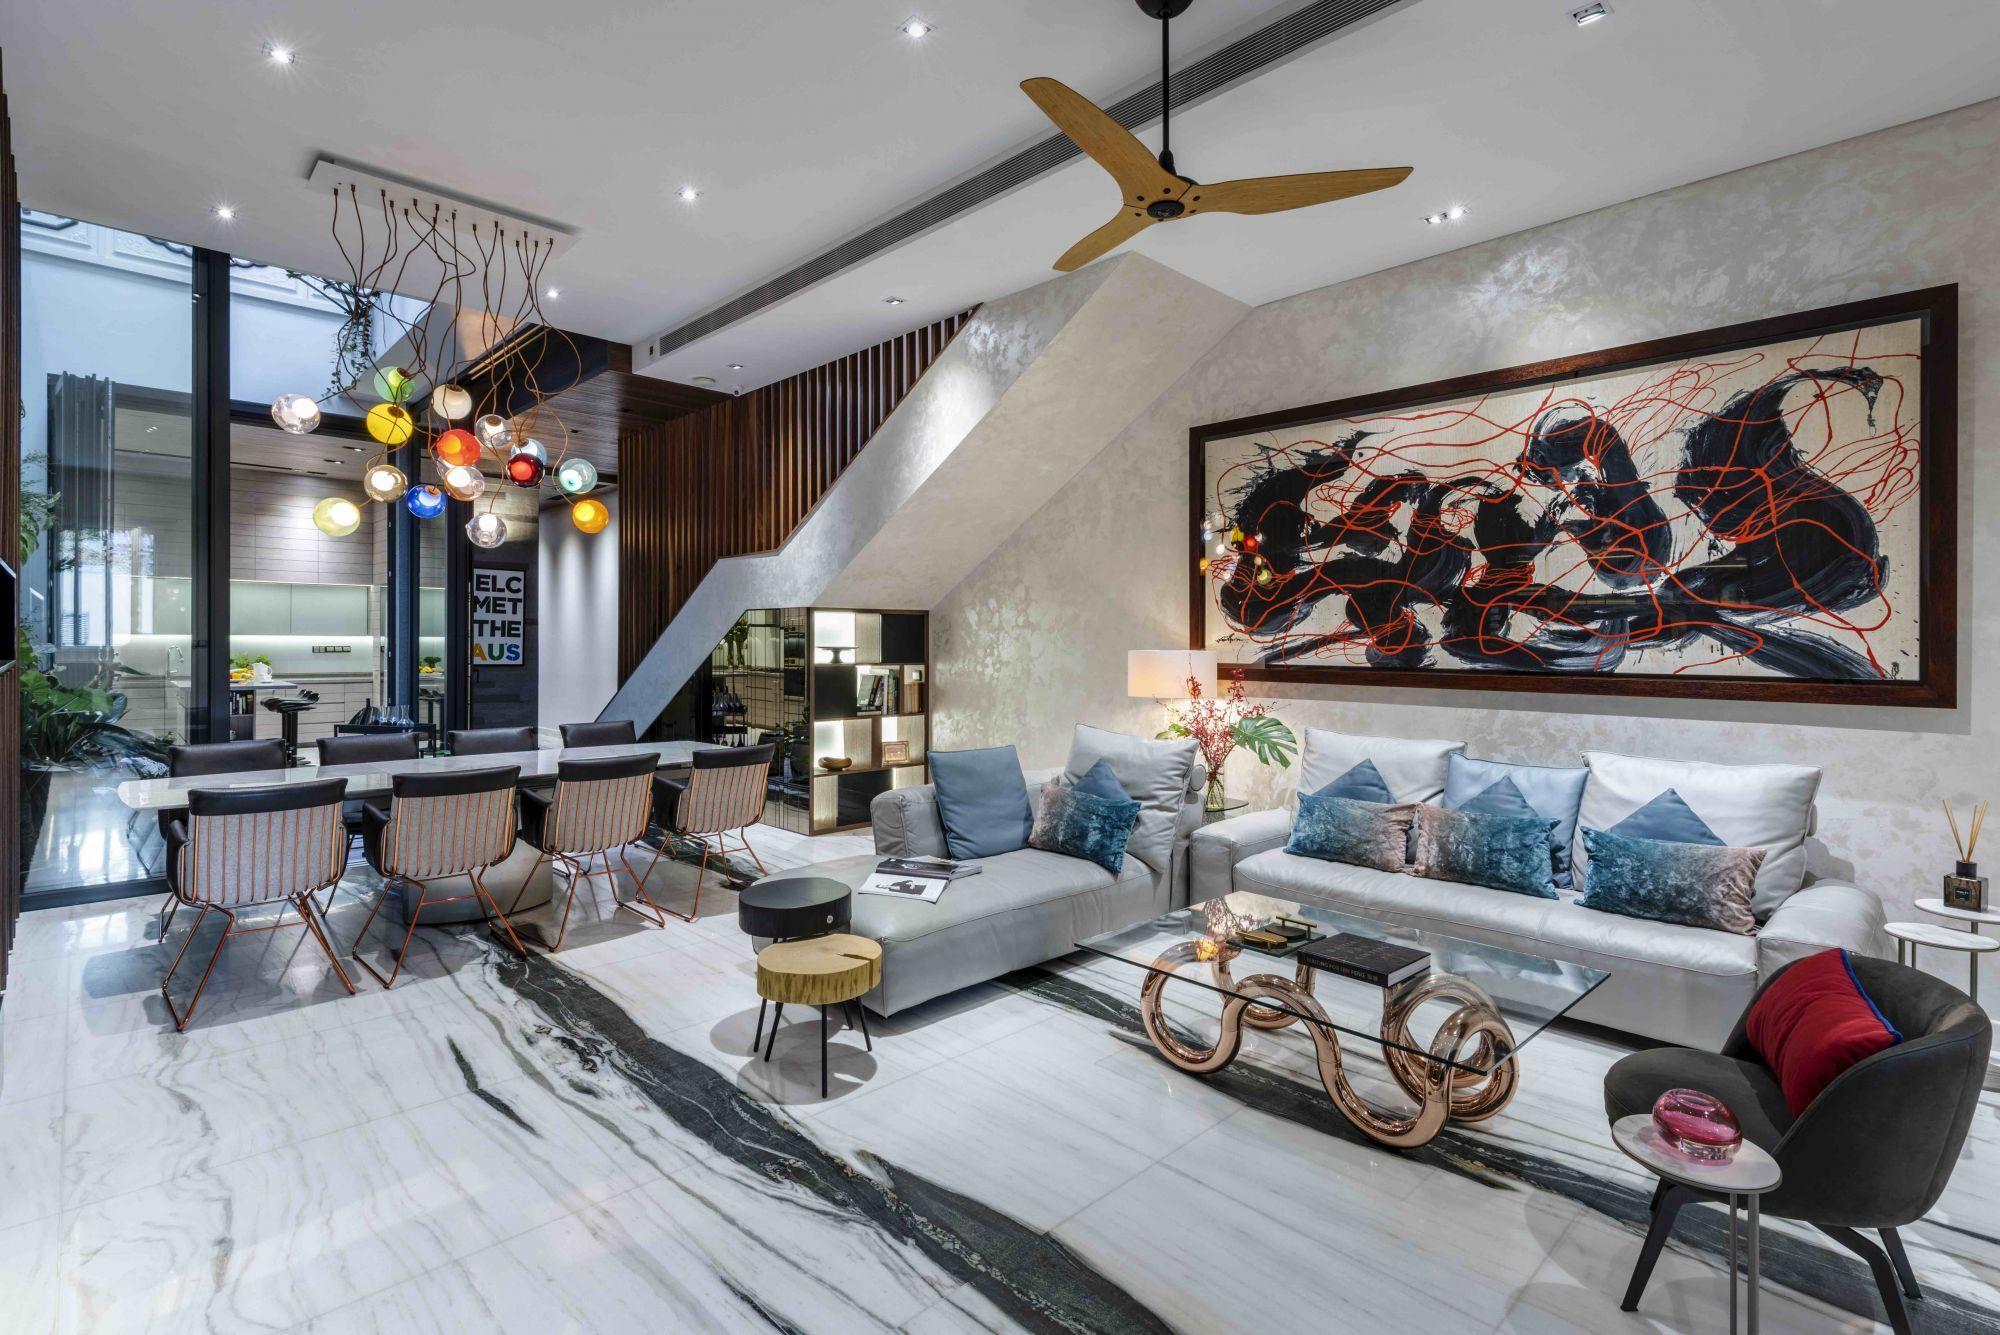 Dieses moderne Wohnzimmer wurde von Cube Associate Design entworfen und hat eine gemütliche Sitzecke mit strategischer Möbelplatzierung geschaffen